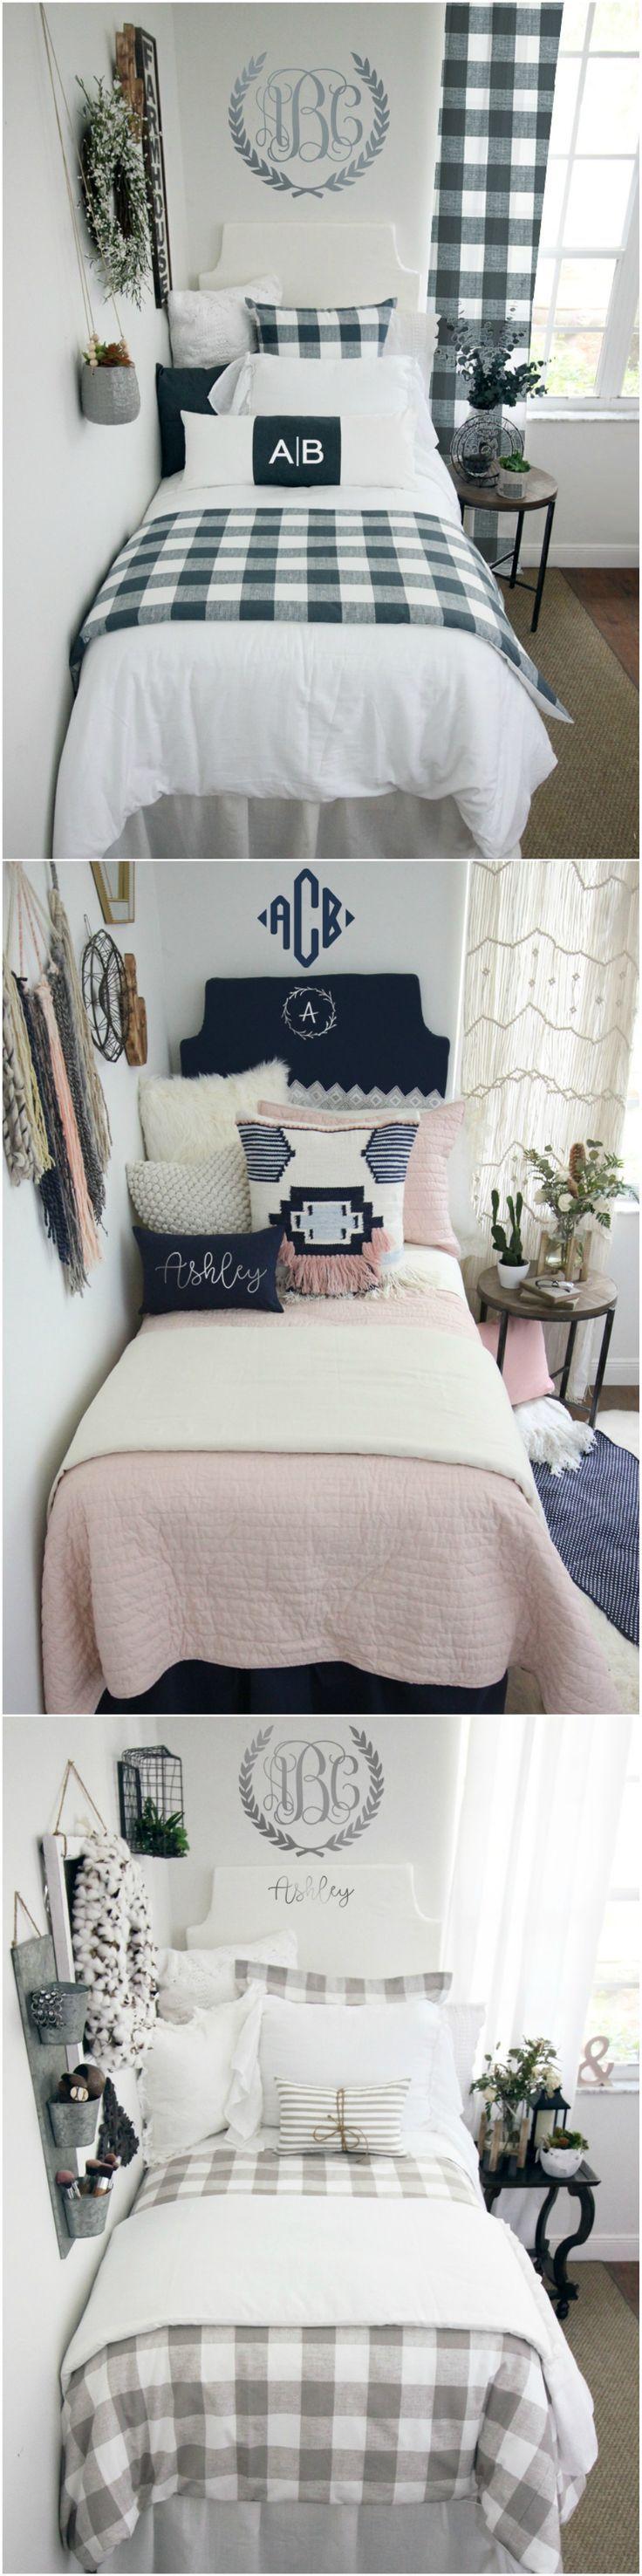 set art dorm duvet and deco queen boho tt balance decor artbedding flower bohemian mandala chic bedding cover for harmony bedroom products room king full